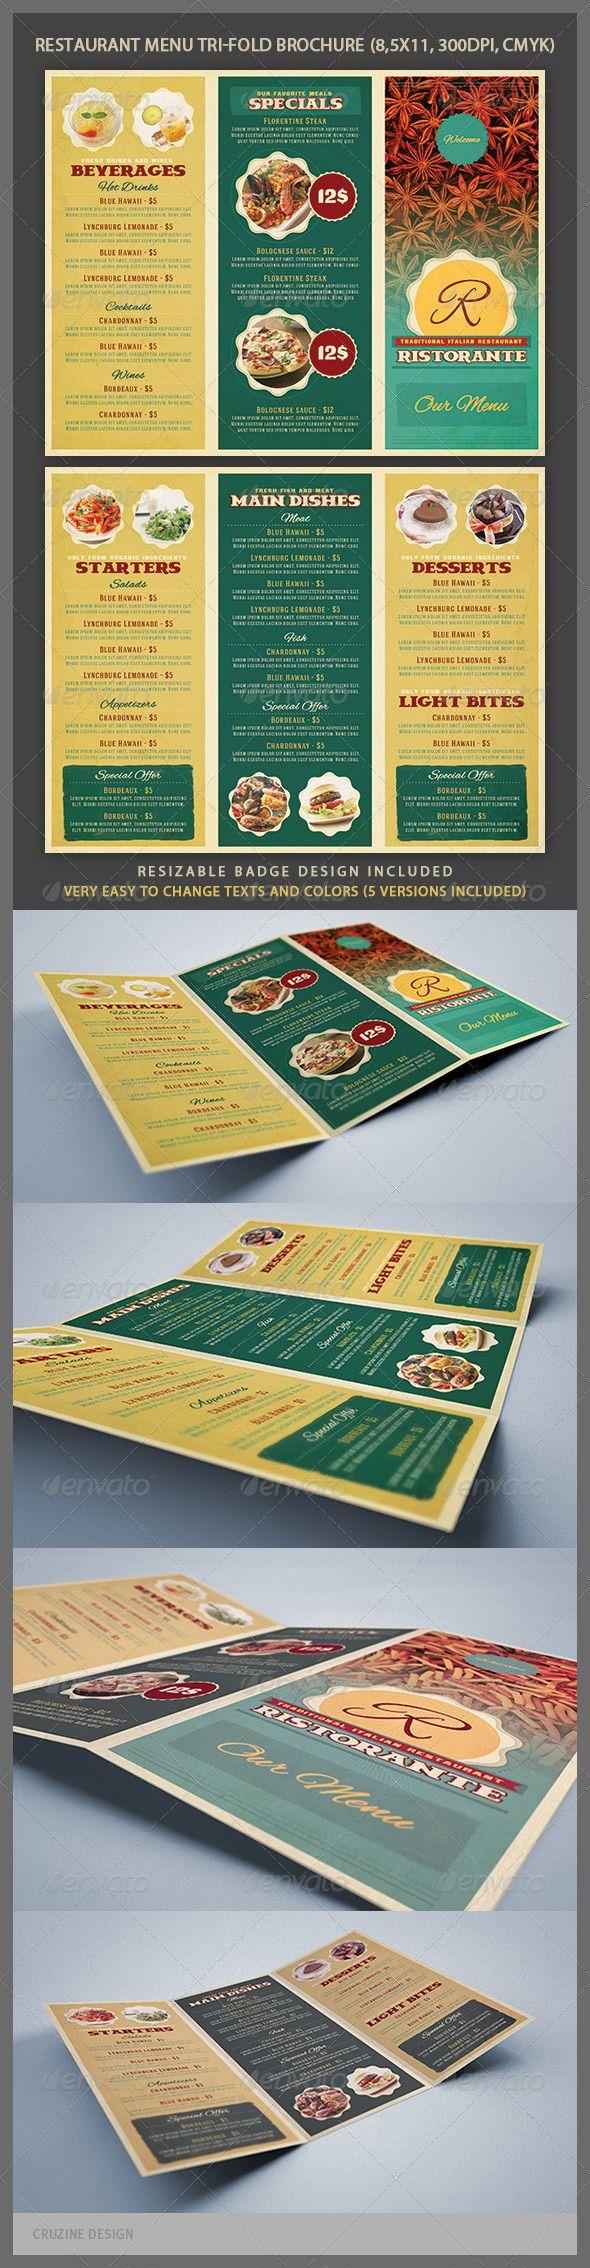 Restaurant Menu Tri-fold Brochure - GraphicRiver Item for Sale Brochure Design #Brochure Design #BrochureDesign www.iGOprinting.com